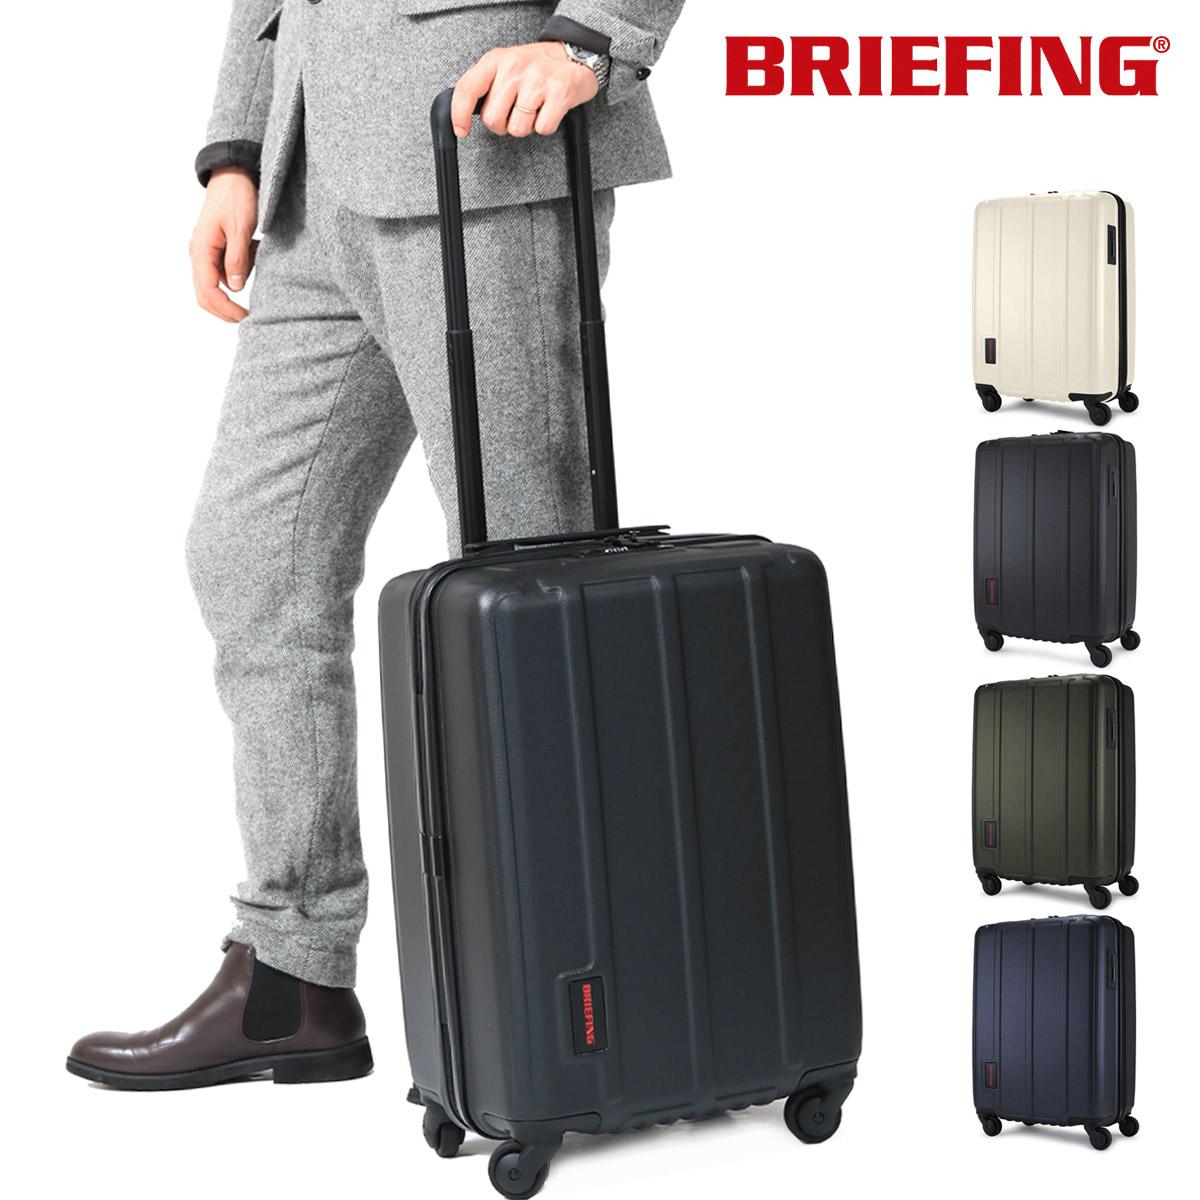 ブリーフィング スーツケース HARD CASE BRF304219 BRIEFING H-37 ハードケース ジッパー キャリーケース 旅行 トラベル ビジネス ポリカーボネート メンズ【bef】【即日発送】